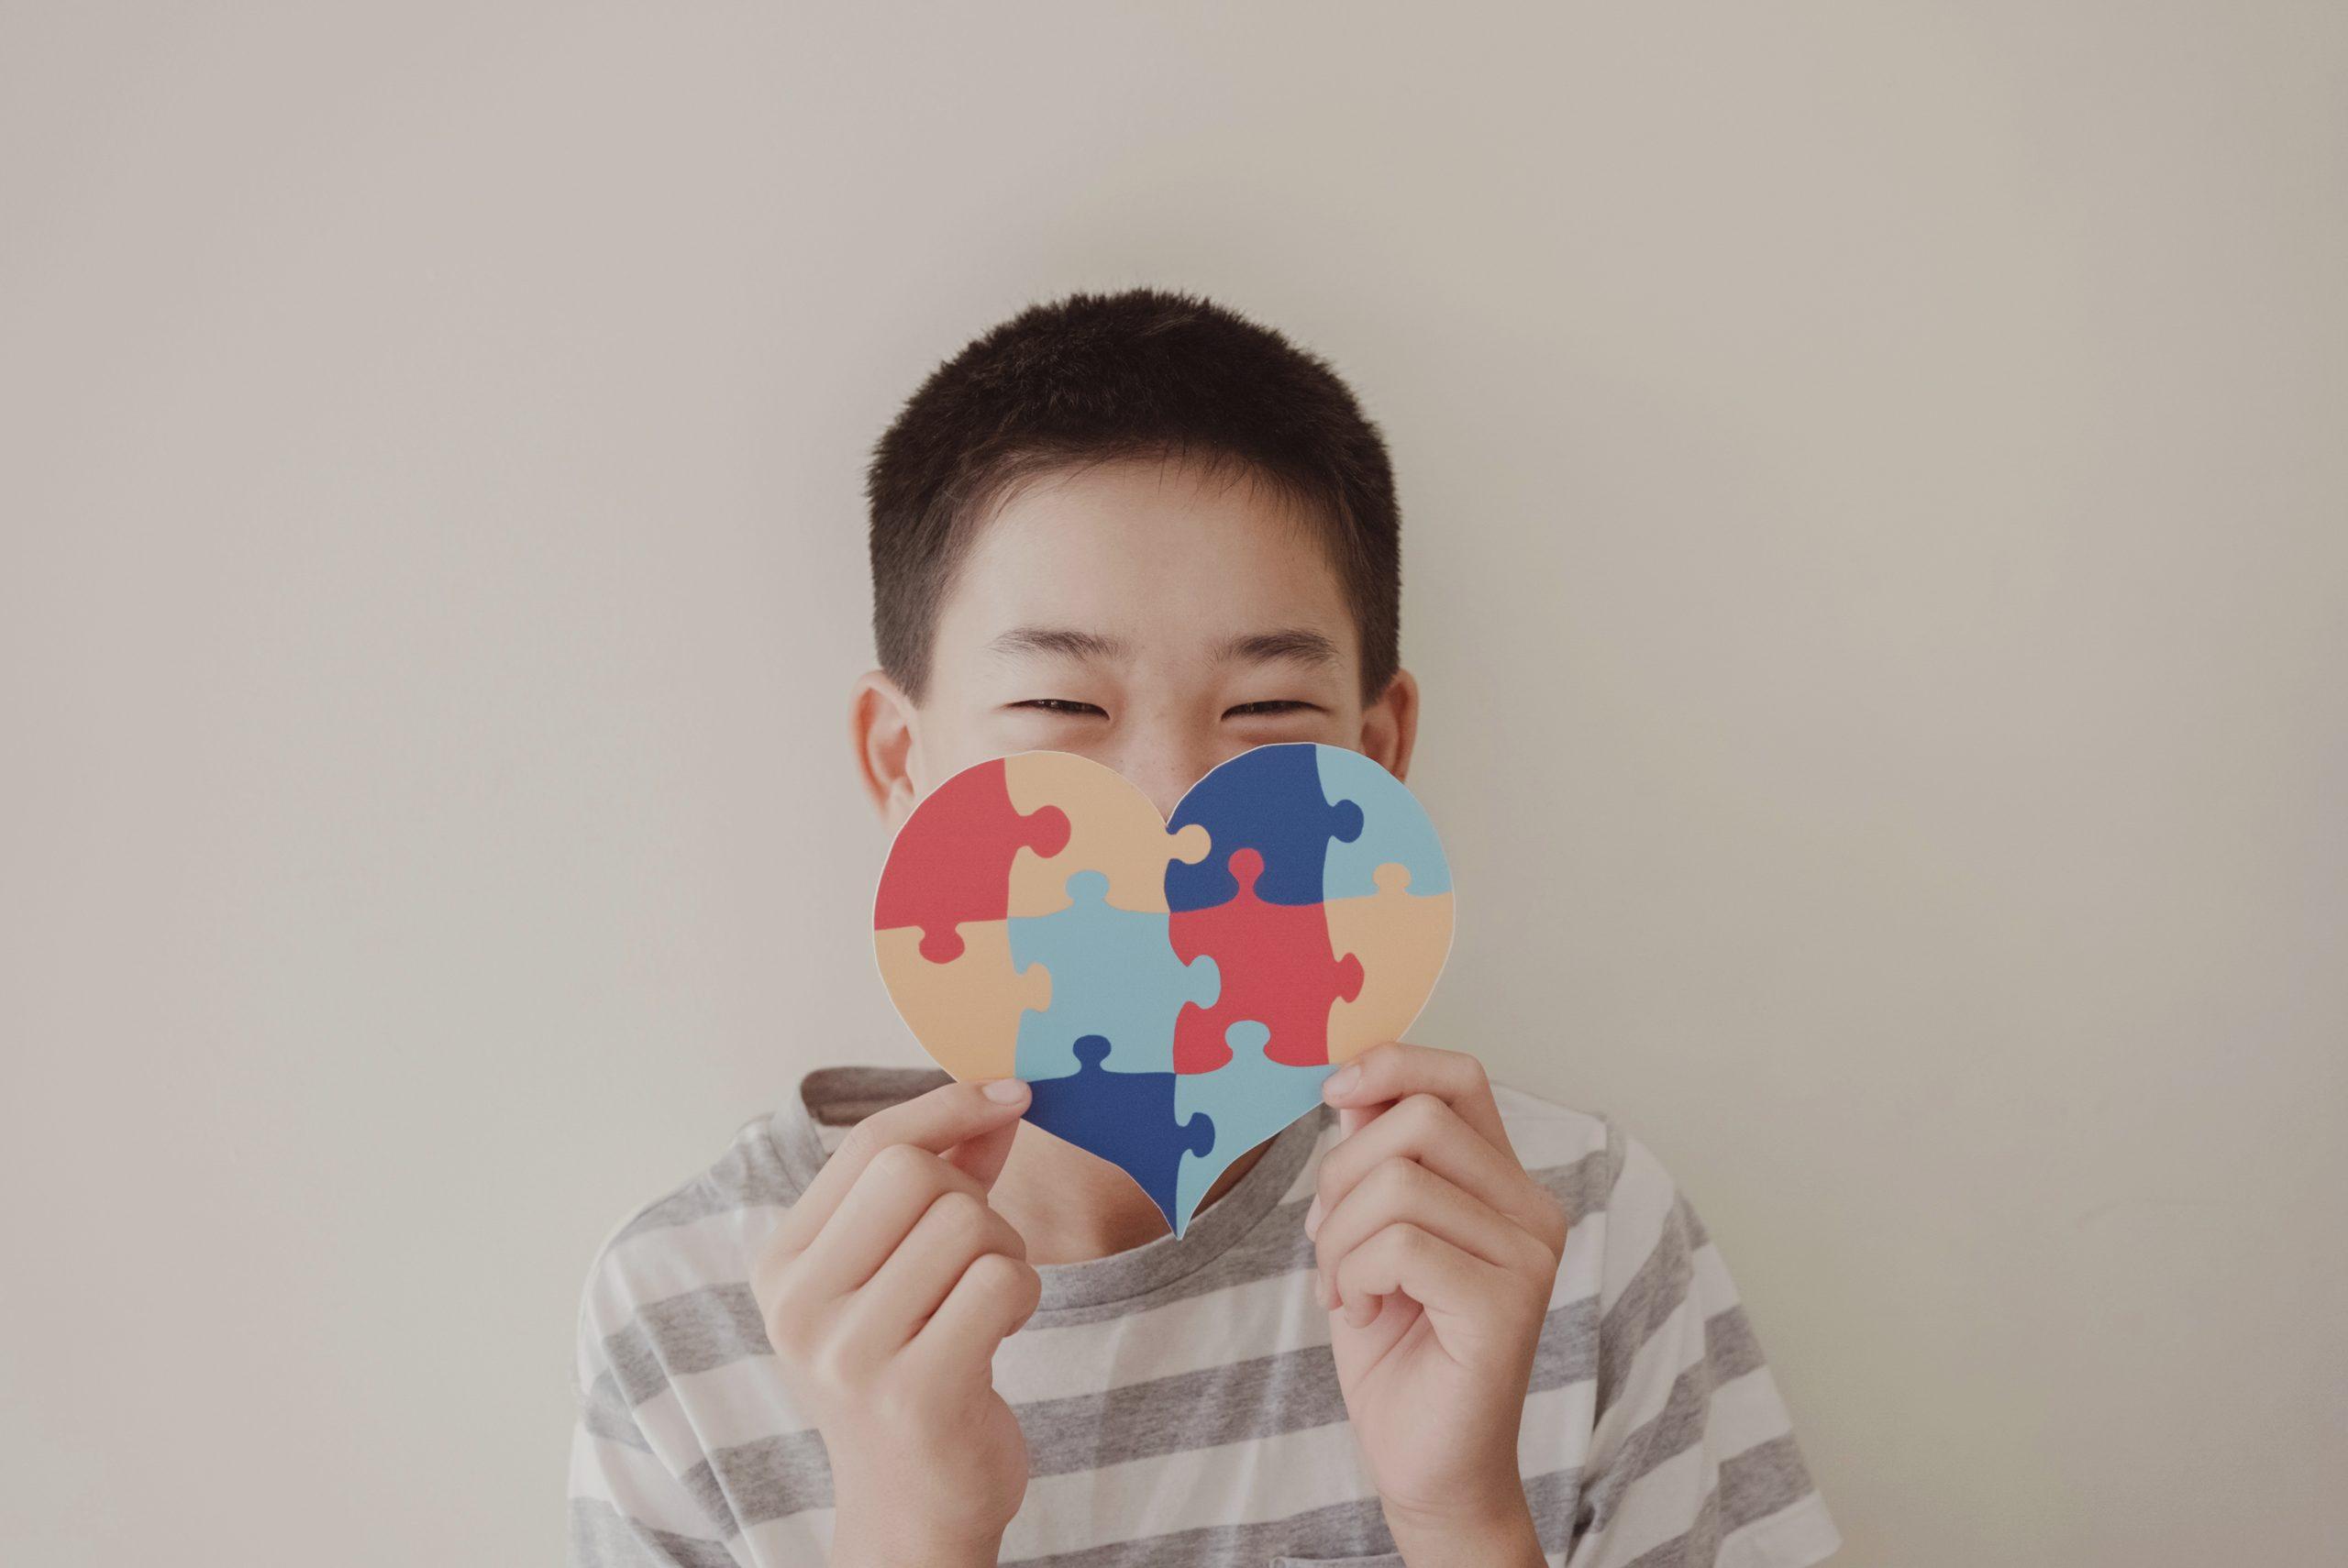 Autismo e plano de saúde: entenda seus direitos